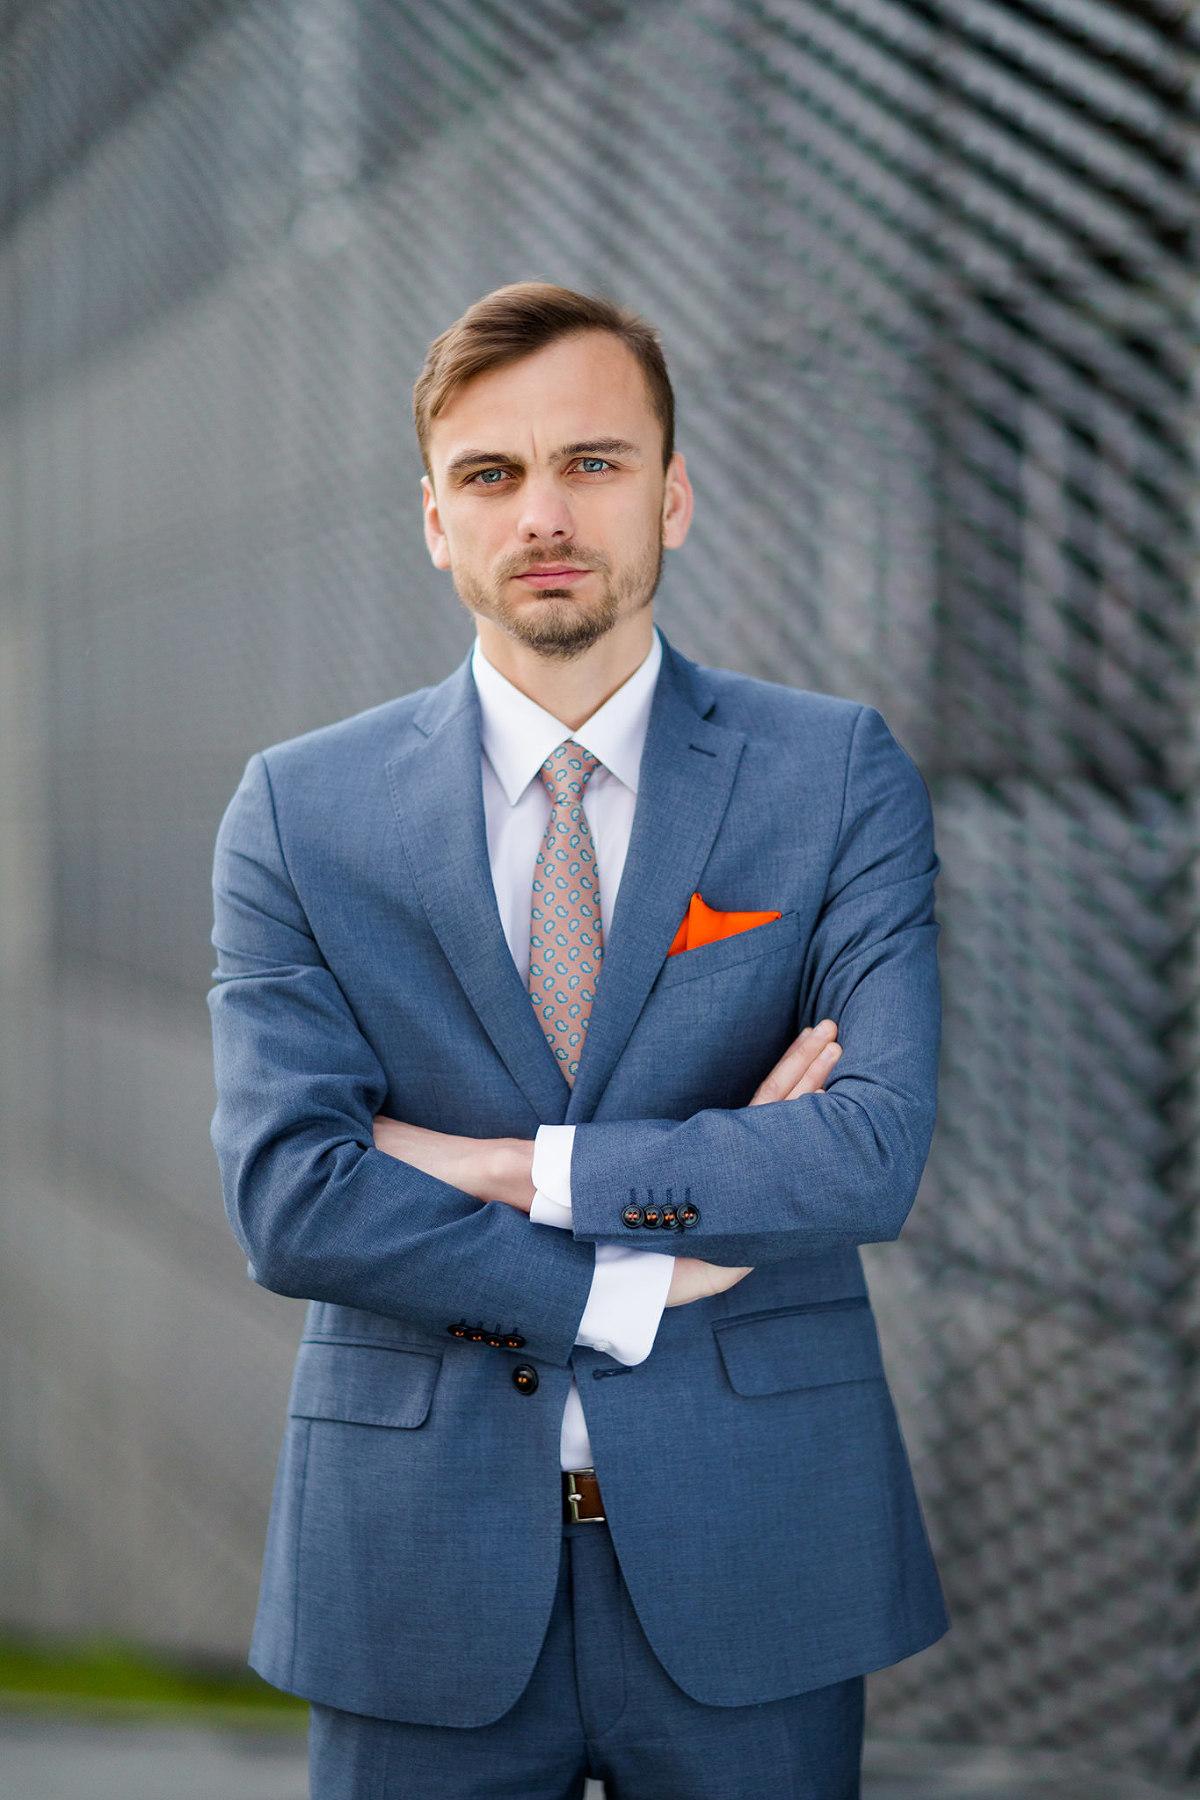 Sesja biznesowa Katowice 1m Sesja biznesowa Katowice